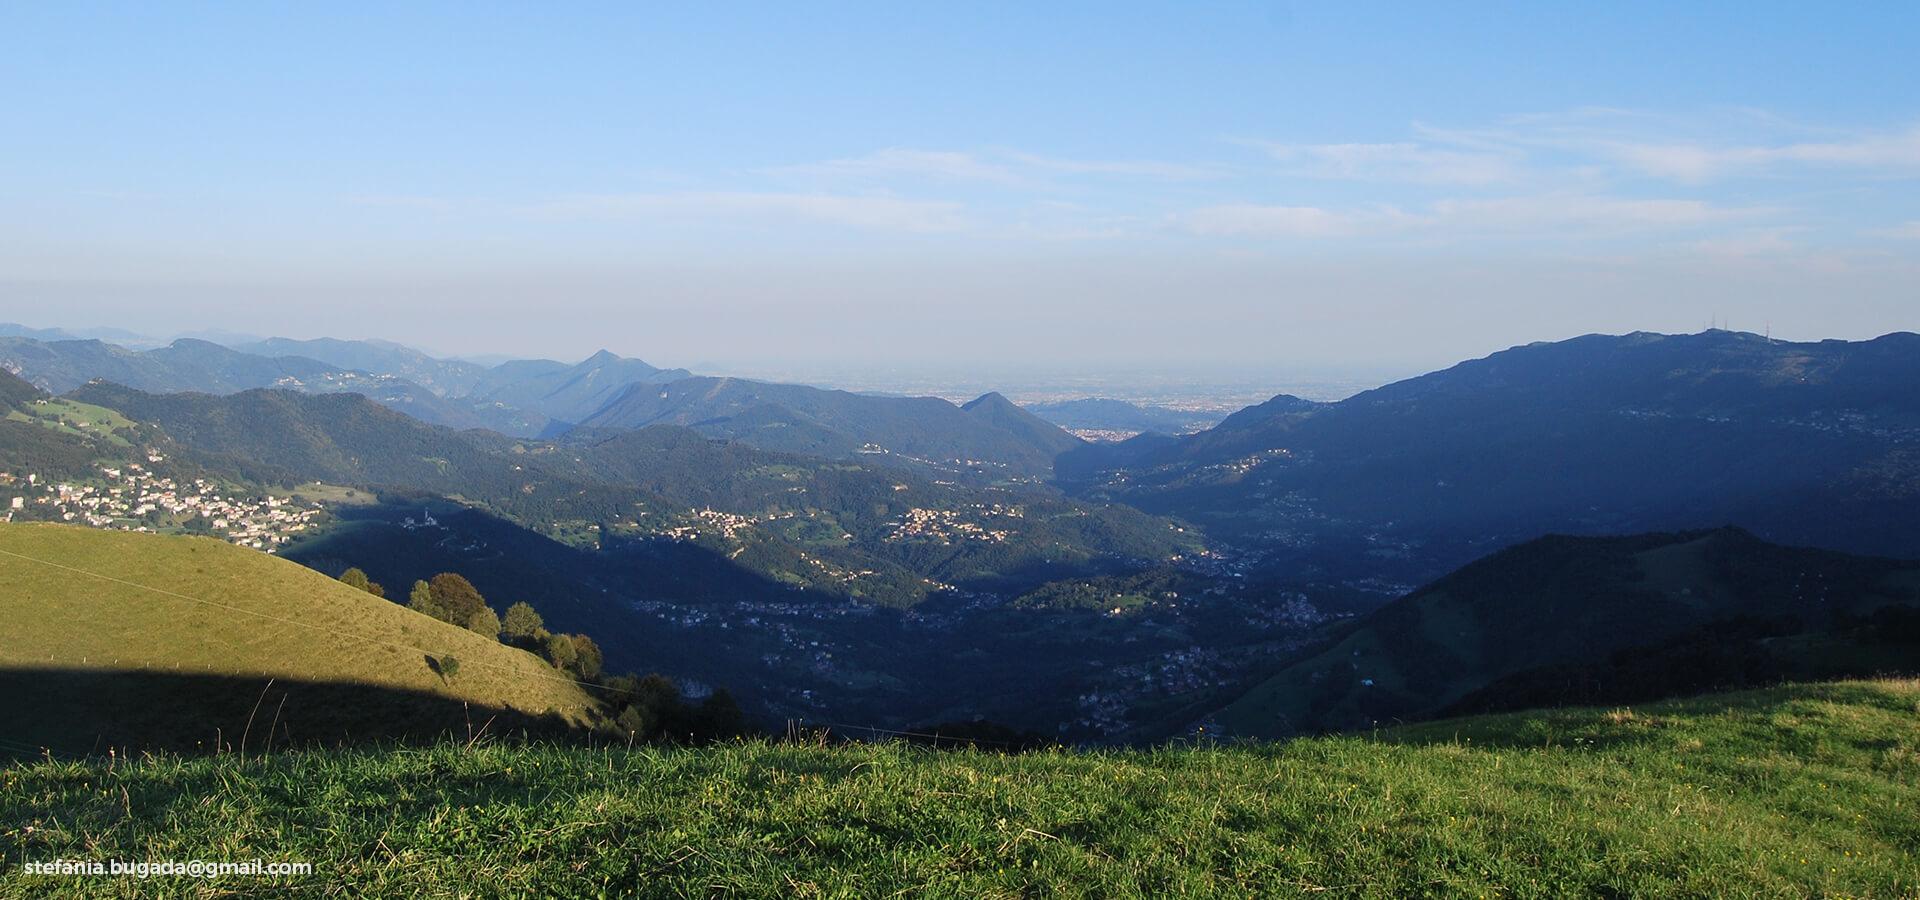 pasticceria acquario valleimagna header